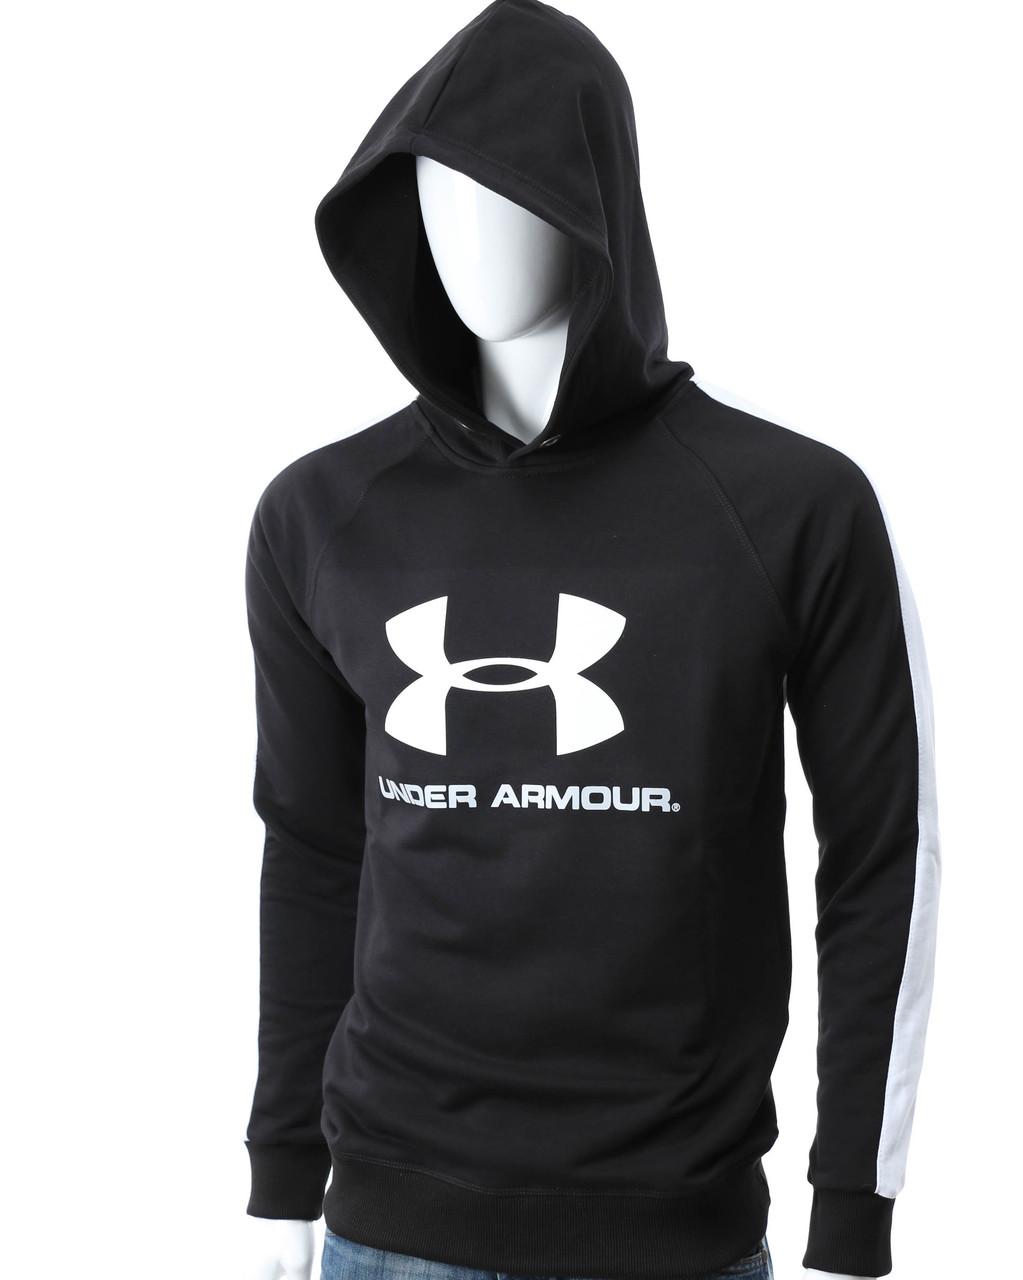 Худи черный/белый UNDER ARMOUR с лого Р-6 BLK/WHL S(Р) 20-474-601